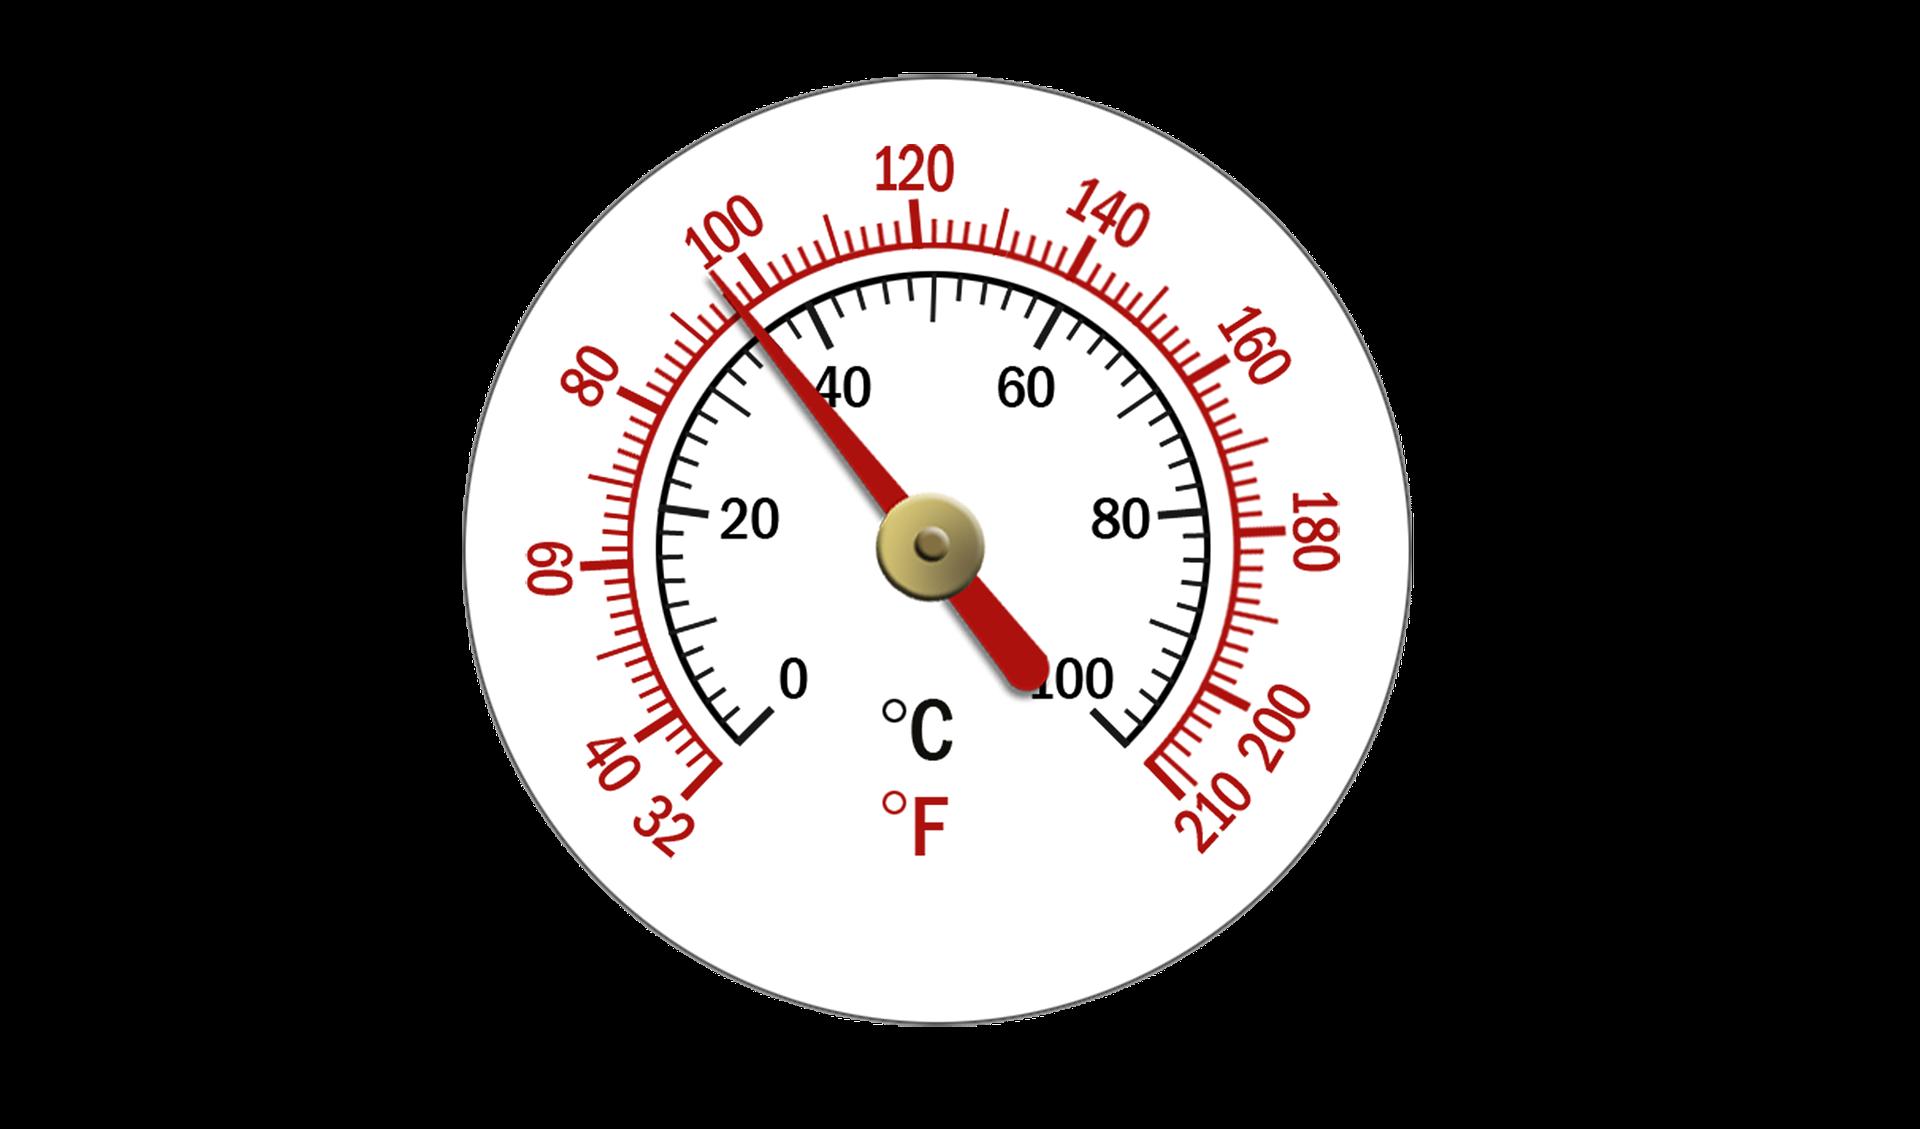 old school gauge